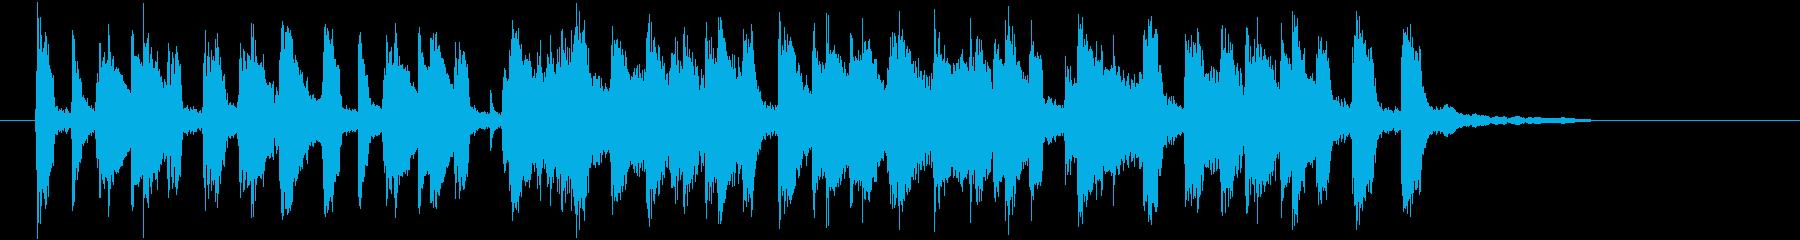 軽快でリズミカルなトランペットジングルの再生済みの波形